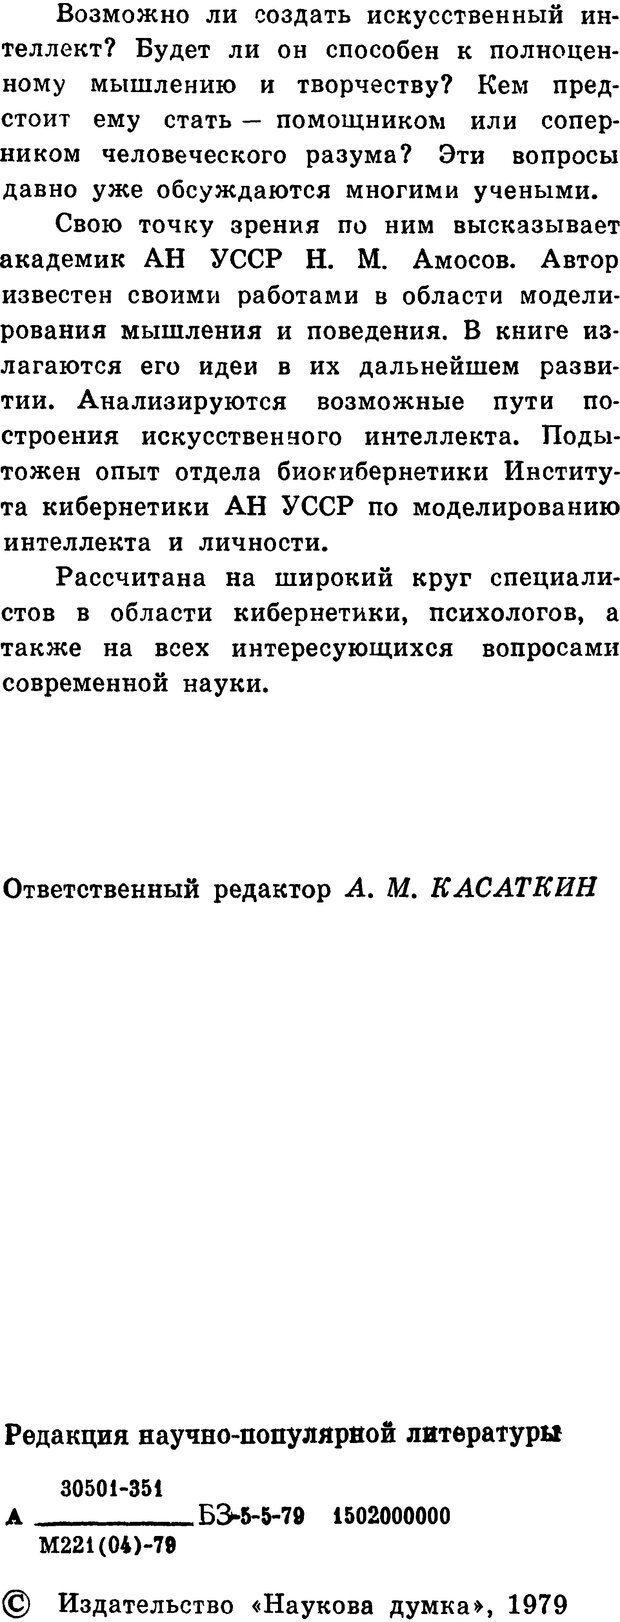 DJVU. Алгоритмы разума. Амосов Н. М. Страница 3. Читать онлайн